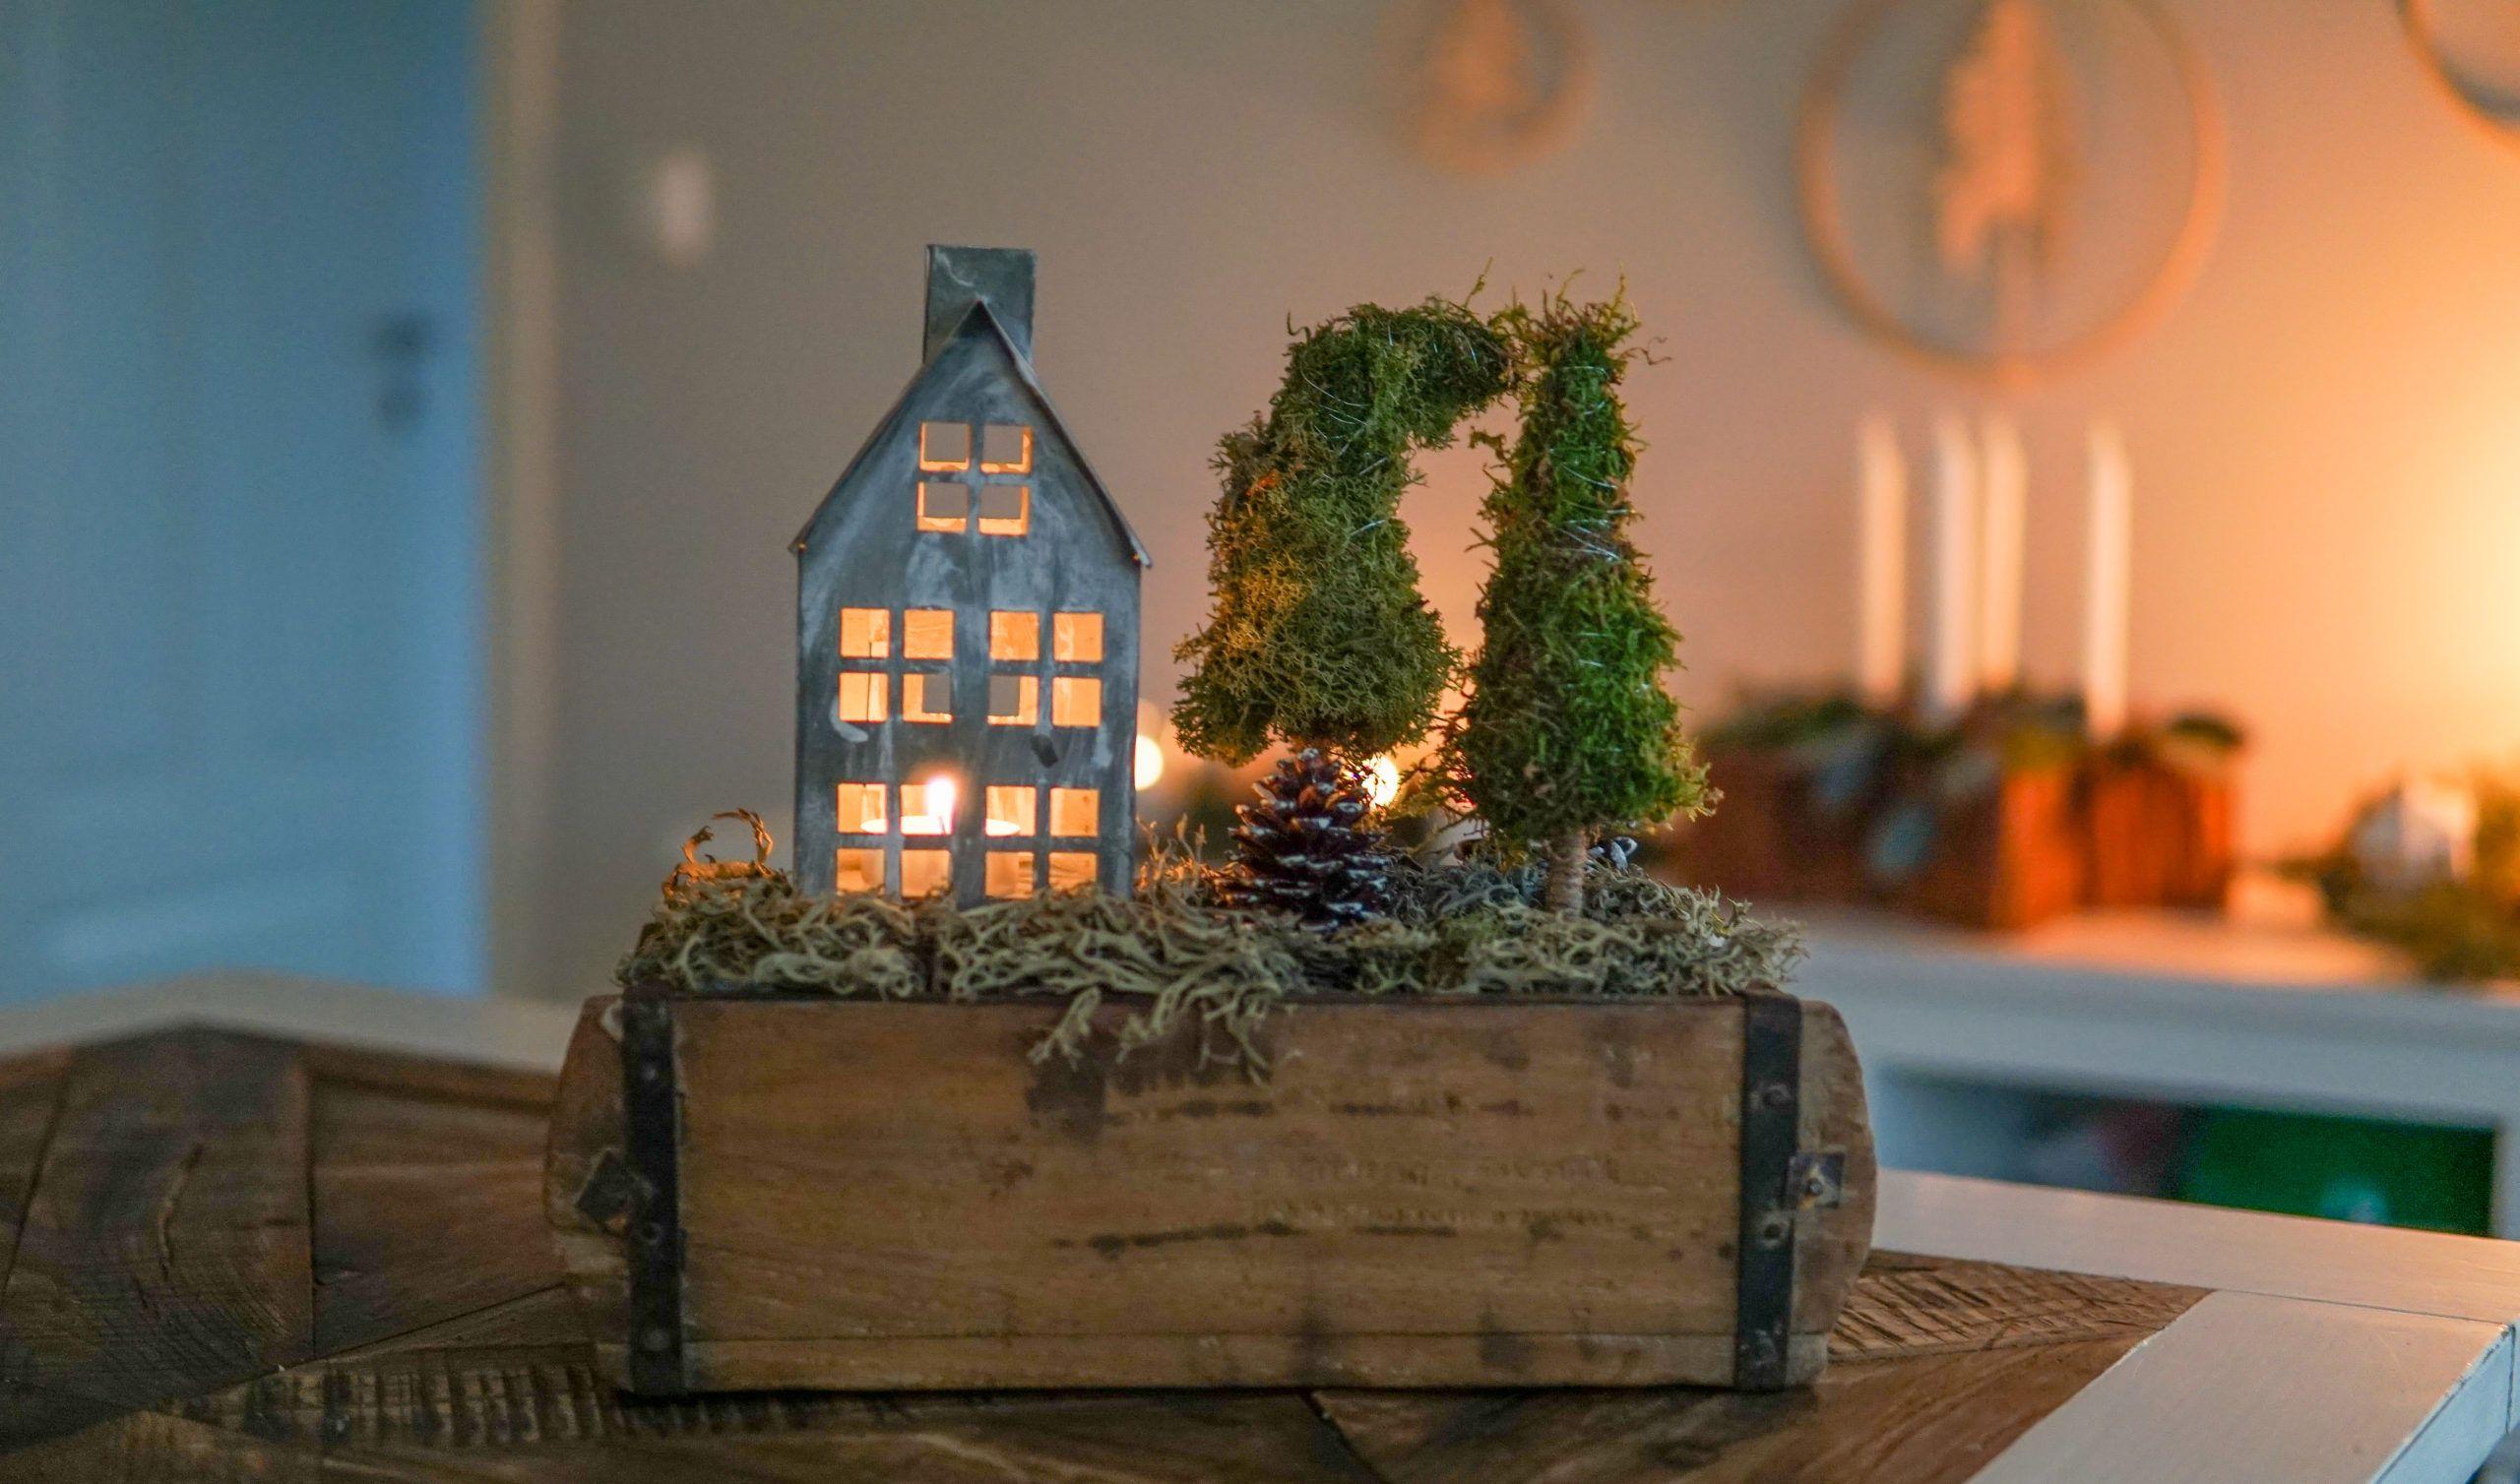 DIY Winterdeko in der alten Ziegelform – Deko-Hus